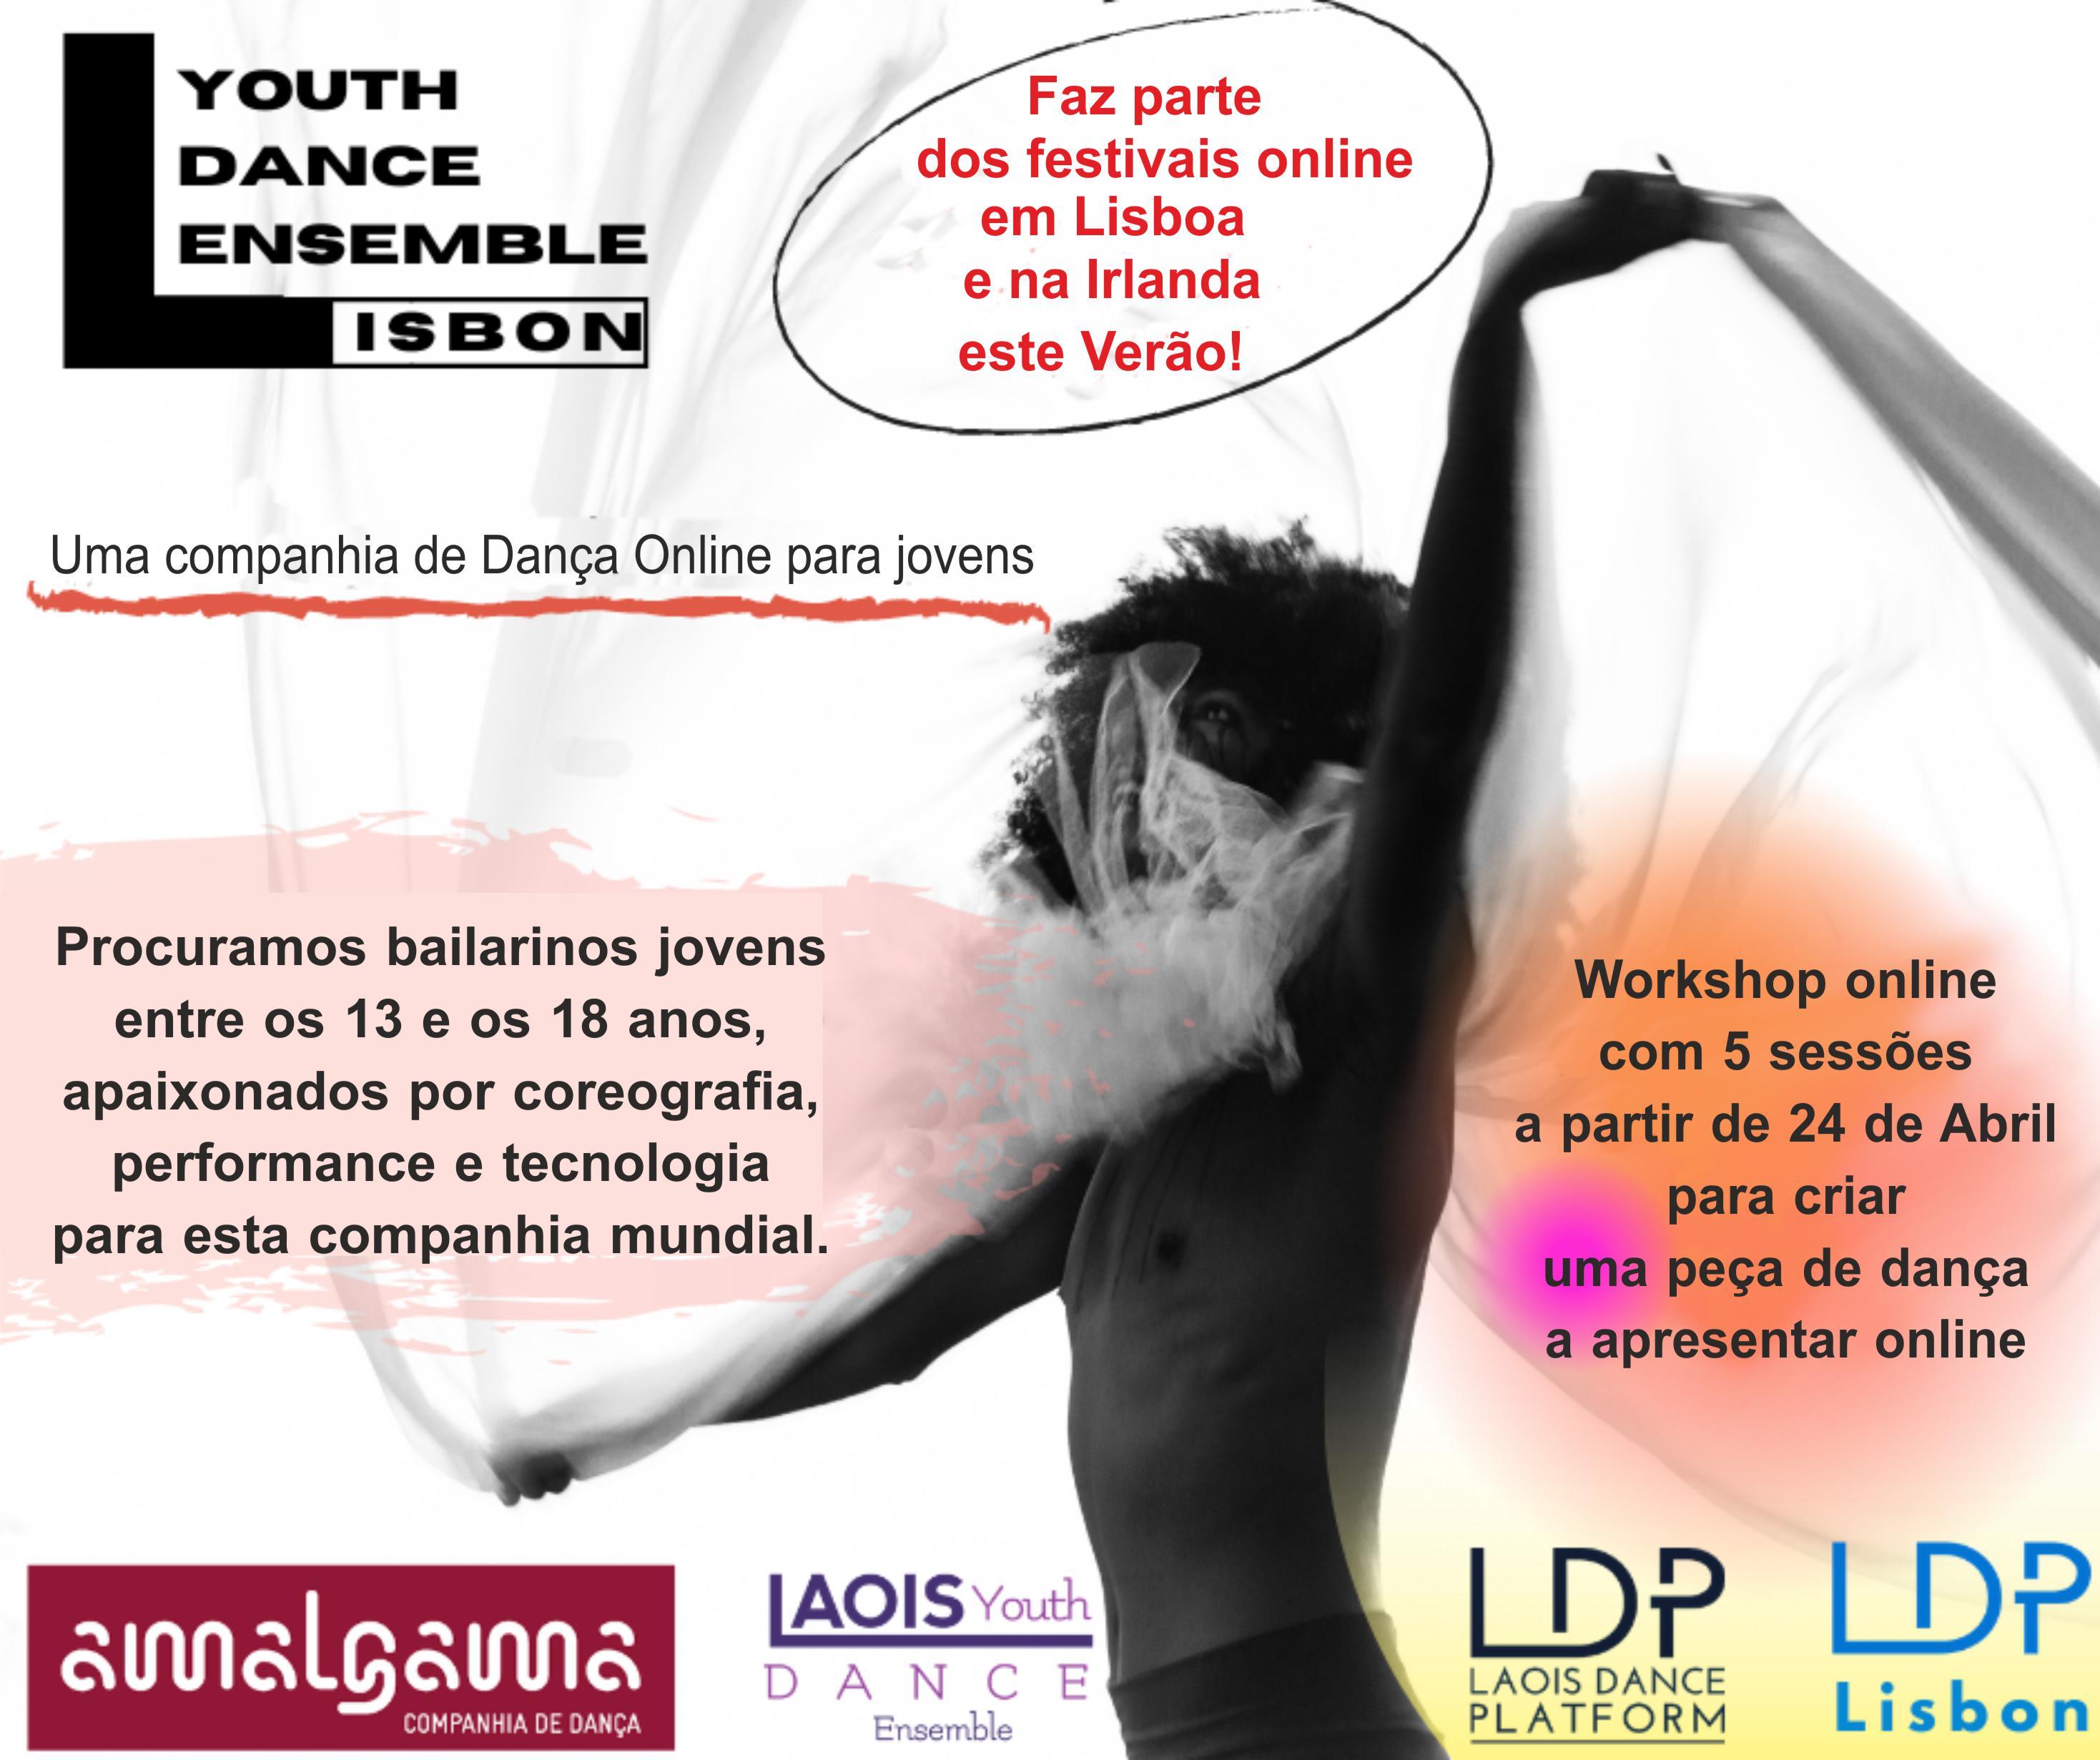 Youth company pt